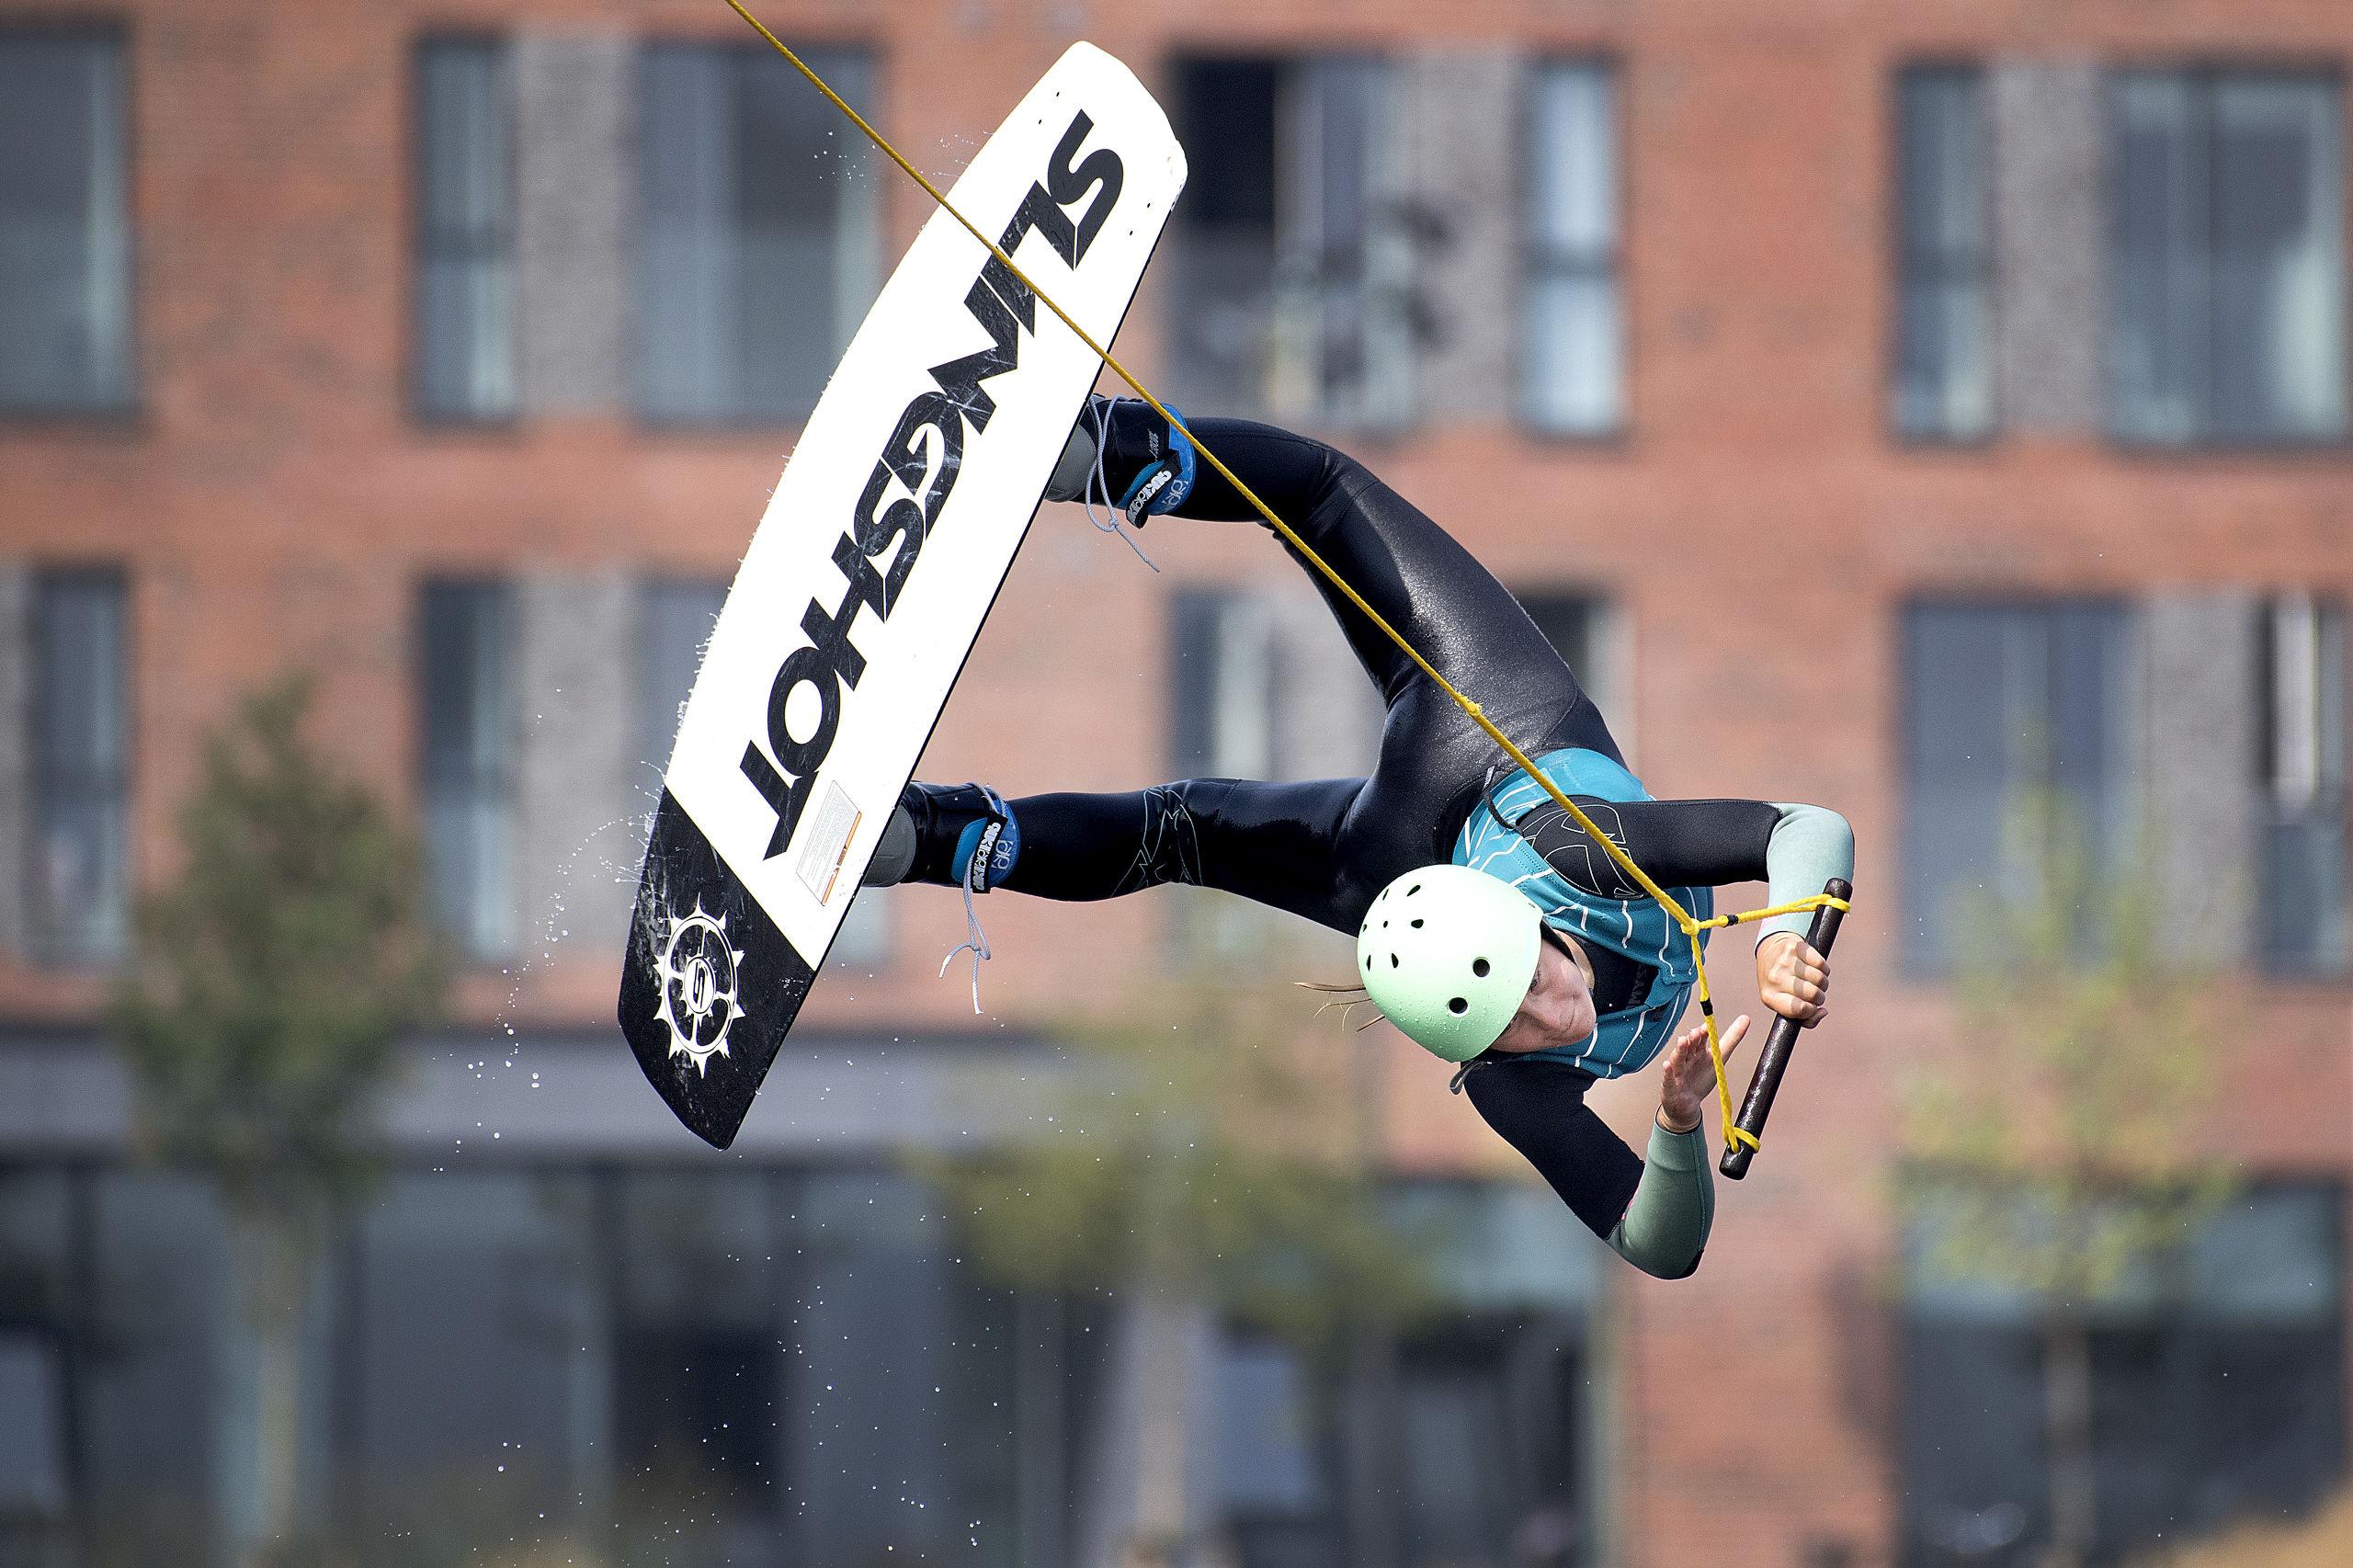 Det er næsten en hel kunstart i sig selv at lave et smukt flyvehop, og det kræver både koncentration og teknisk kunnen at udføre det krævende hop, som her udføres af Rebecca Bon. Arkivfoto: Lars Pauli